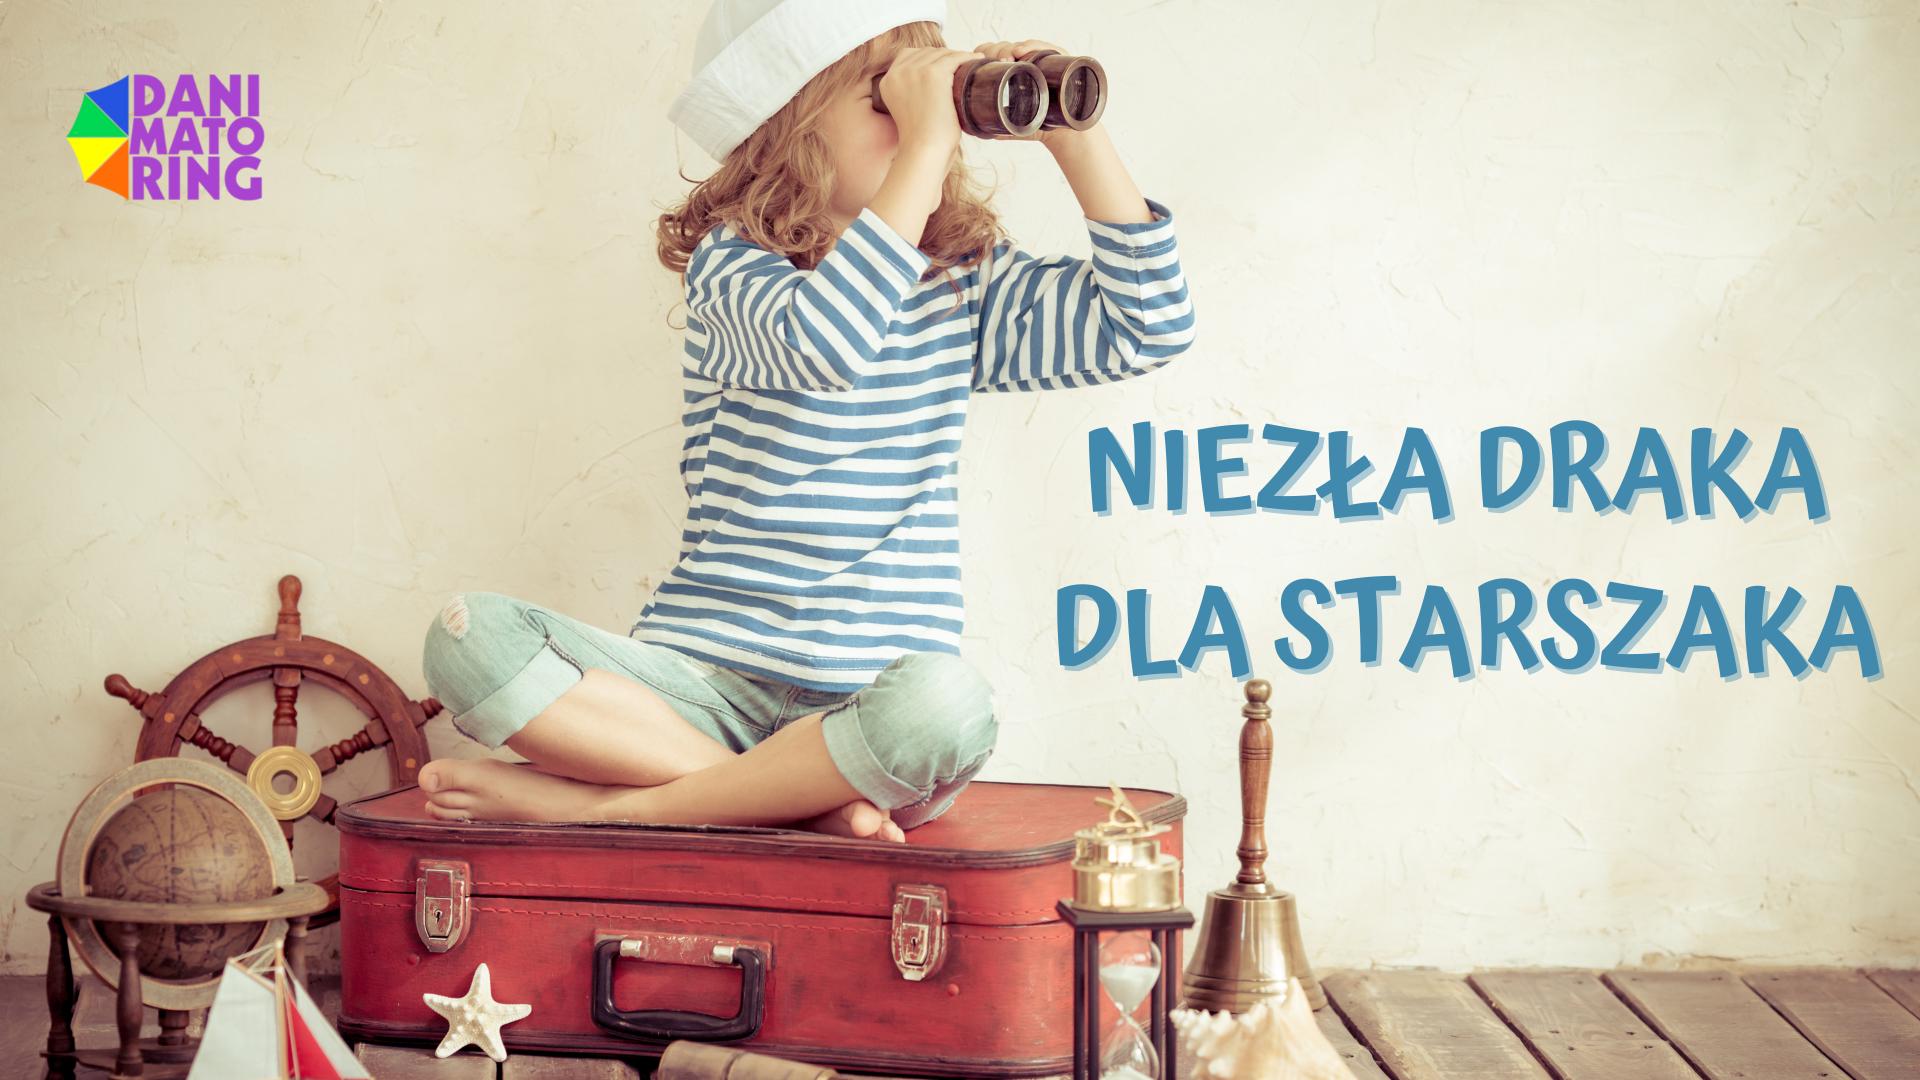 Zajęcia, Warsztaty Dla Dzieci - Poznań zdjęcie nr 10